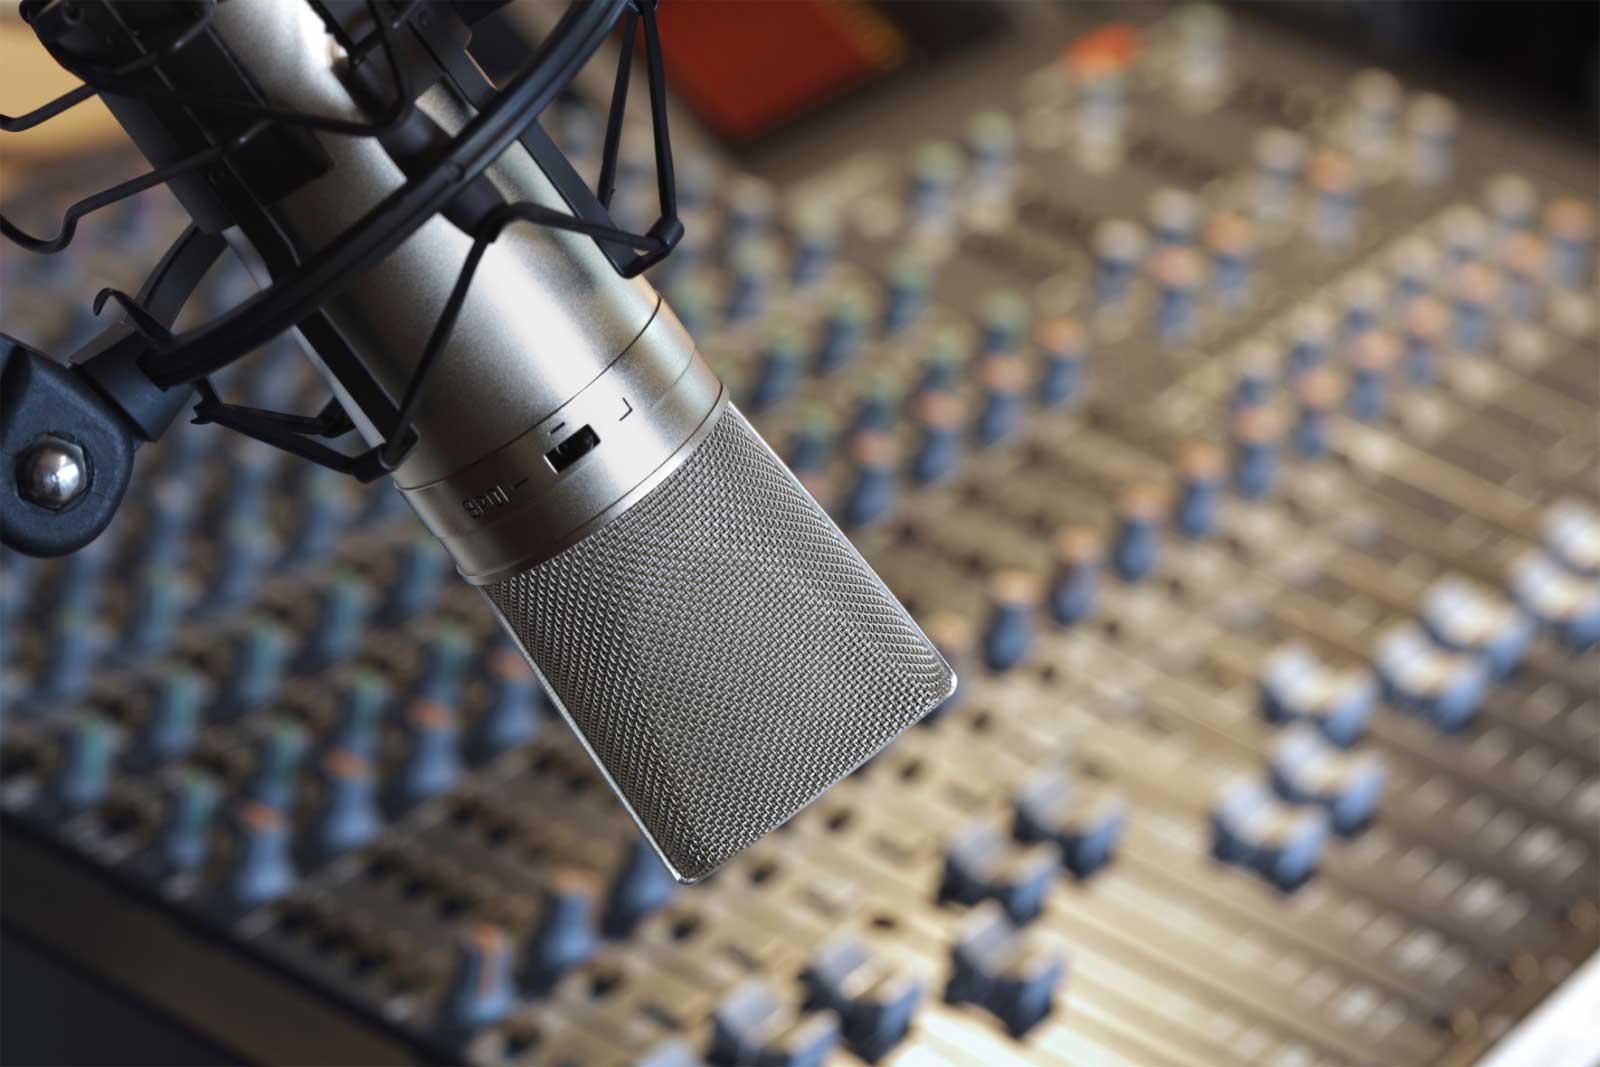 Fotos de micrófonos de radio Imágenes